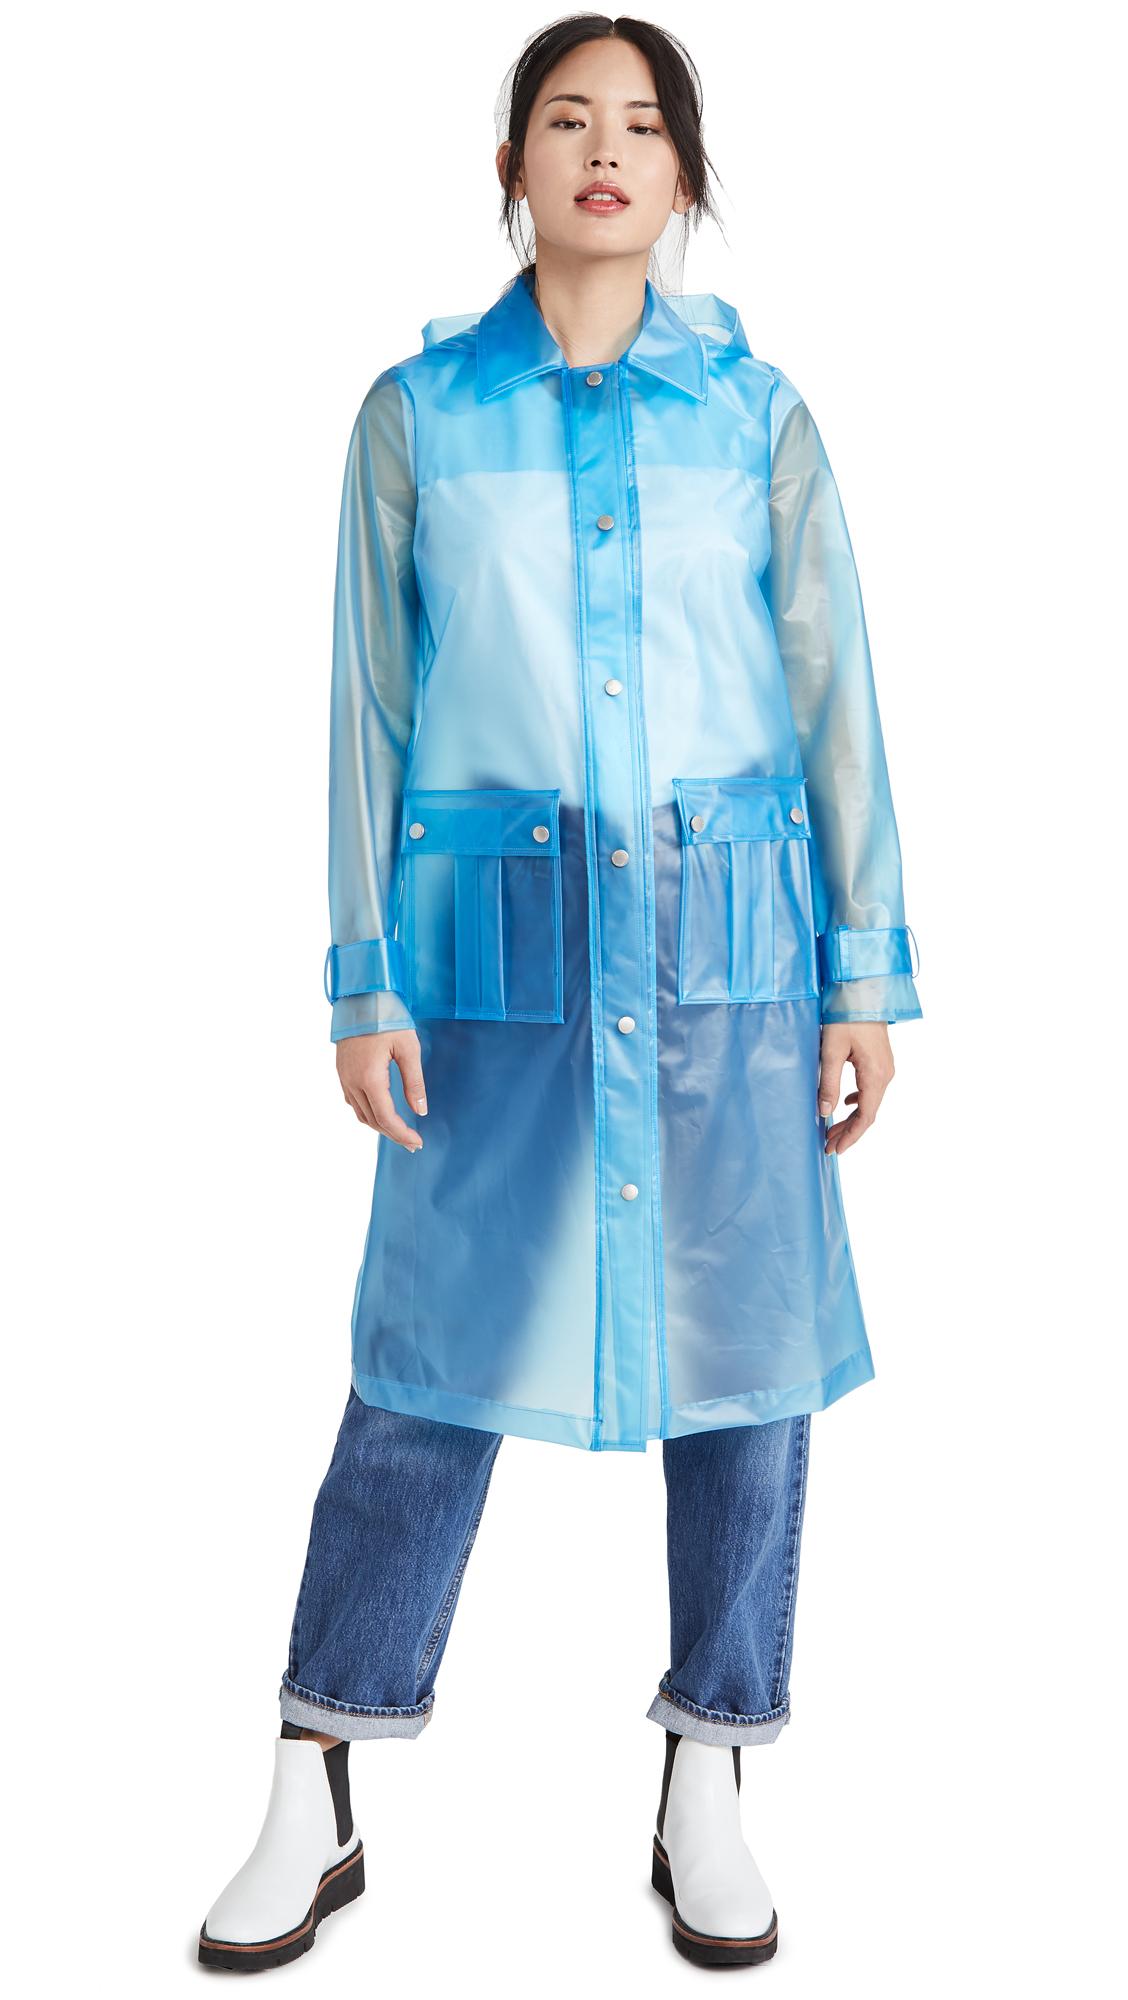 Buy Avec Les Filles Translucent Hooded Rain Coat online beautiful Avec Les Filles Jackets, Coats, Trench Coats